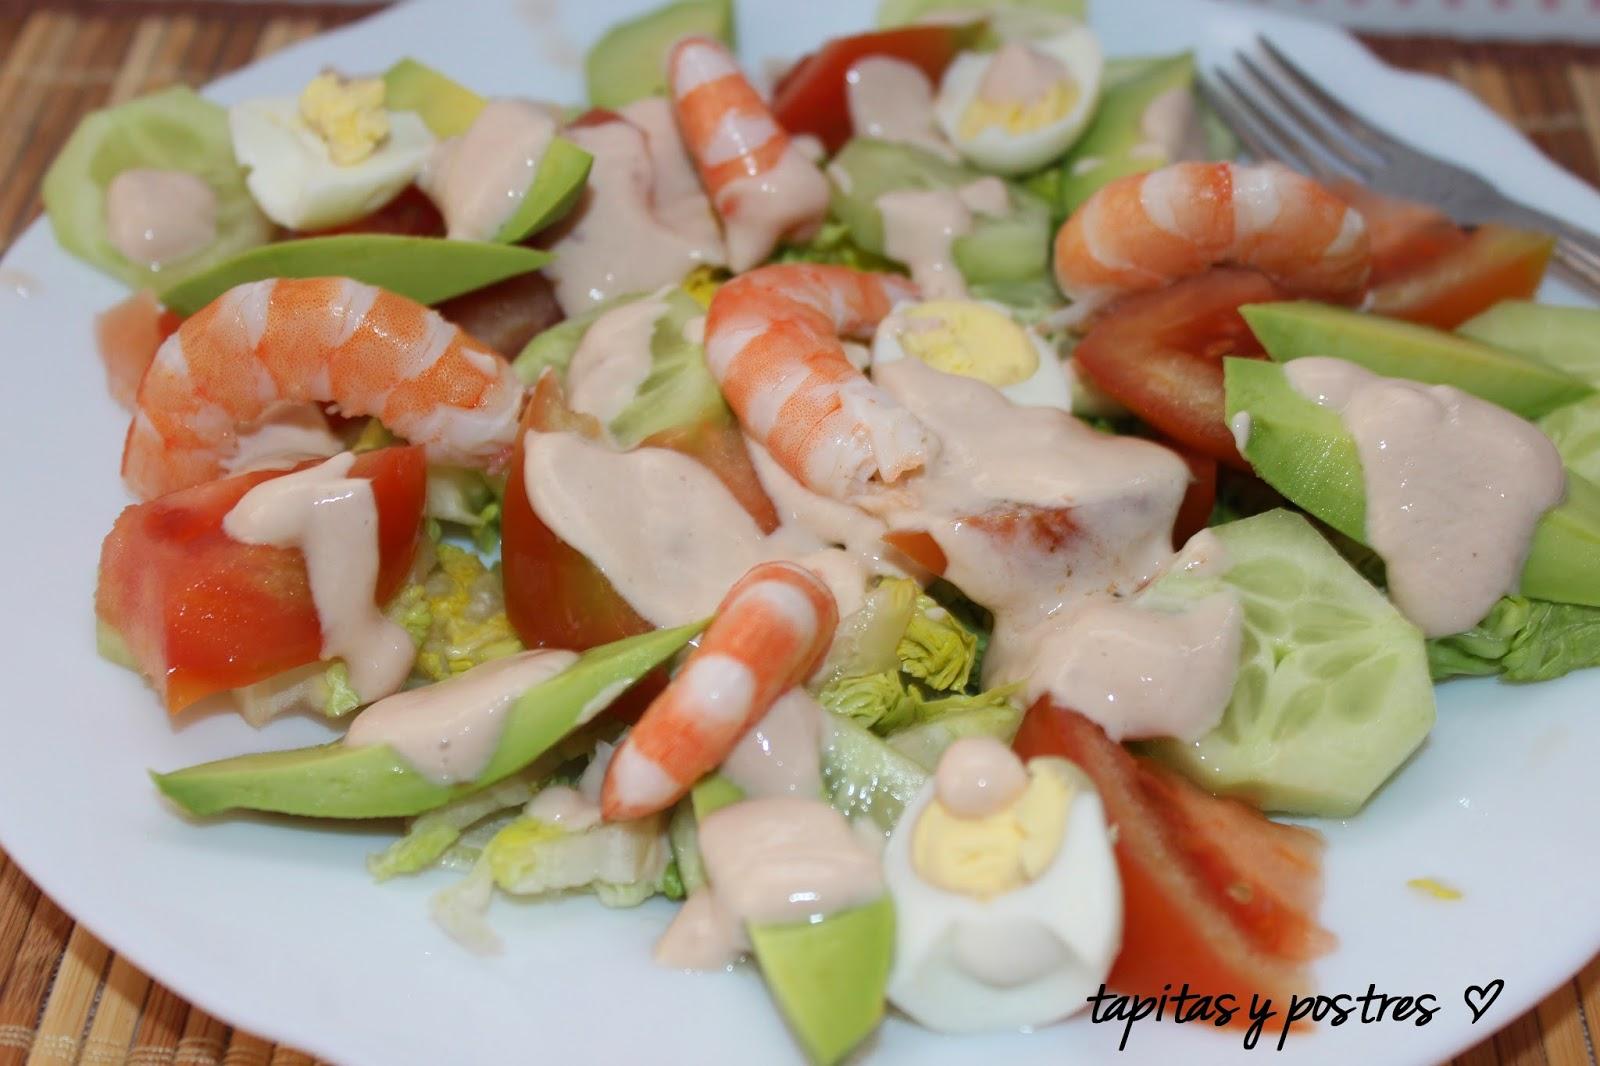 ensalada de frutas y hortalizas